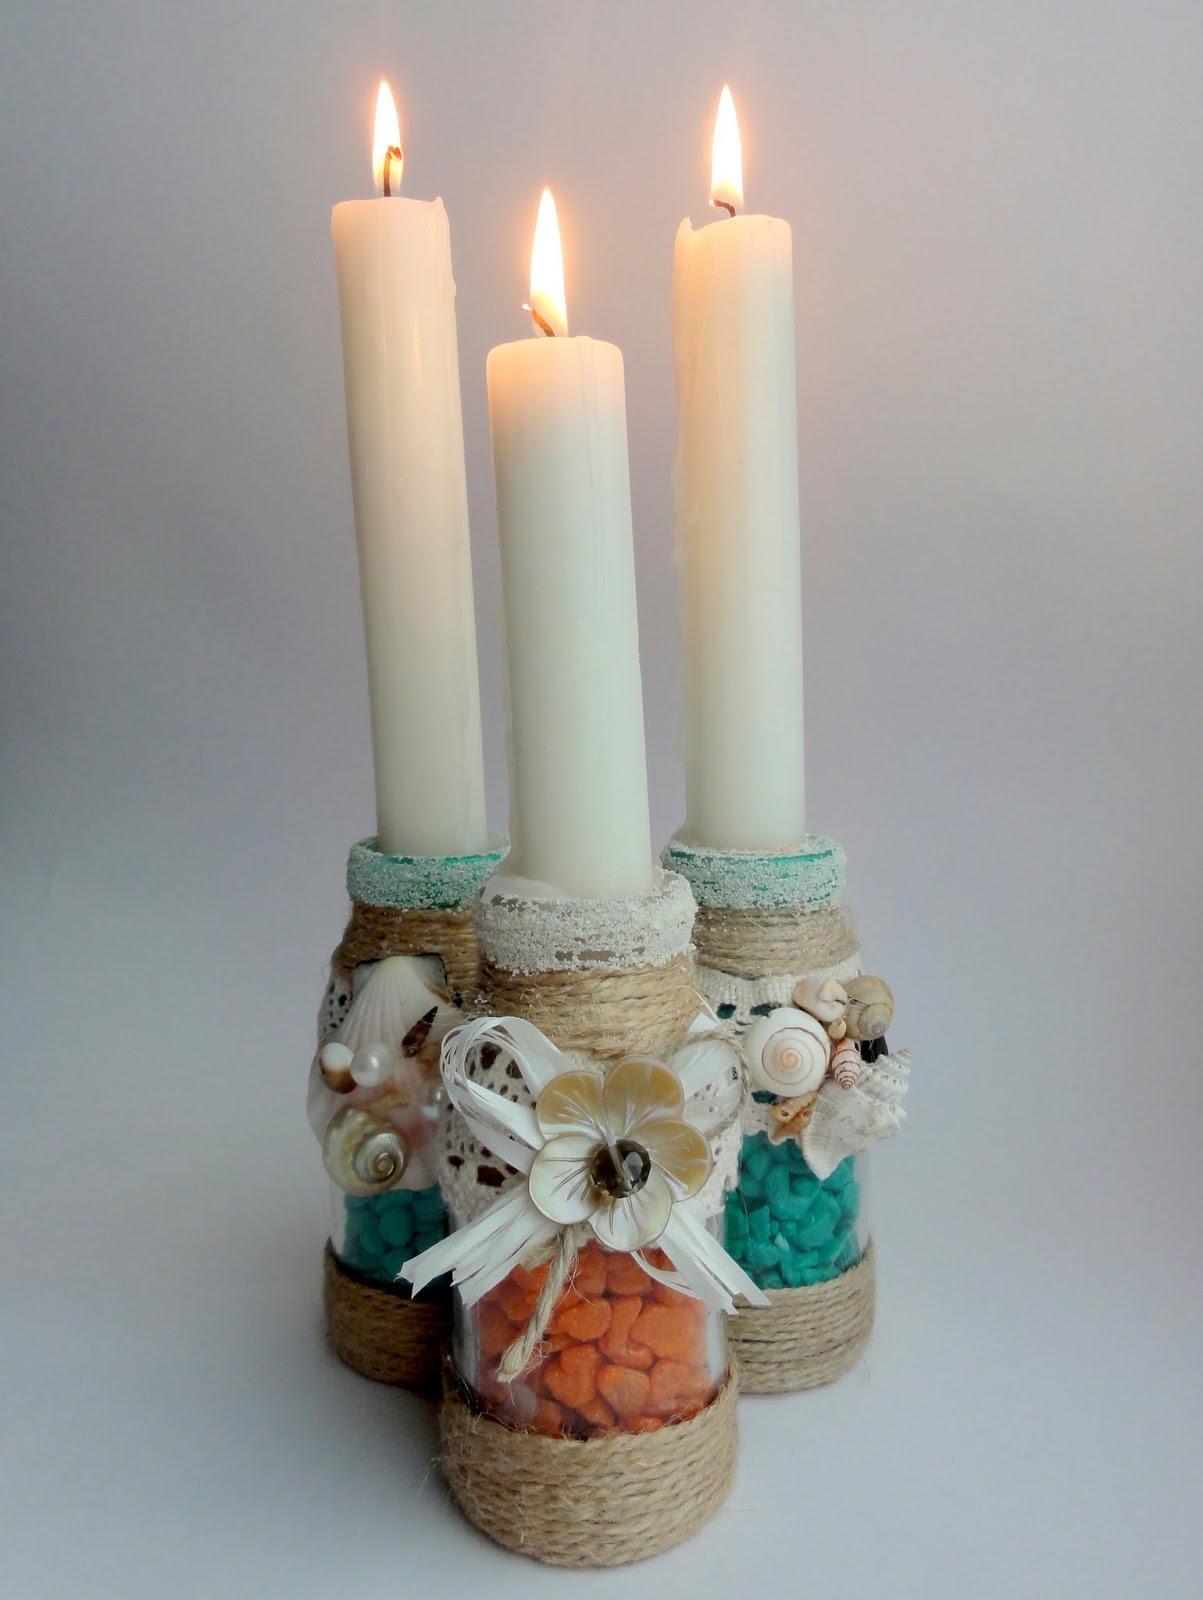 Декоративные свечи (41 фото): интерьерные столовые и витые, большие и маленькие восковые дизайнерские свечи, резные и другие